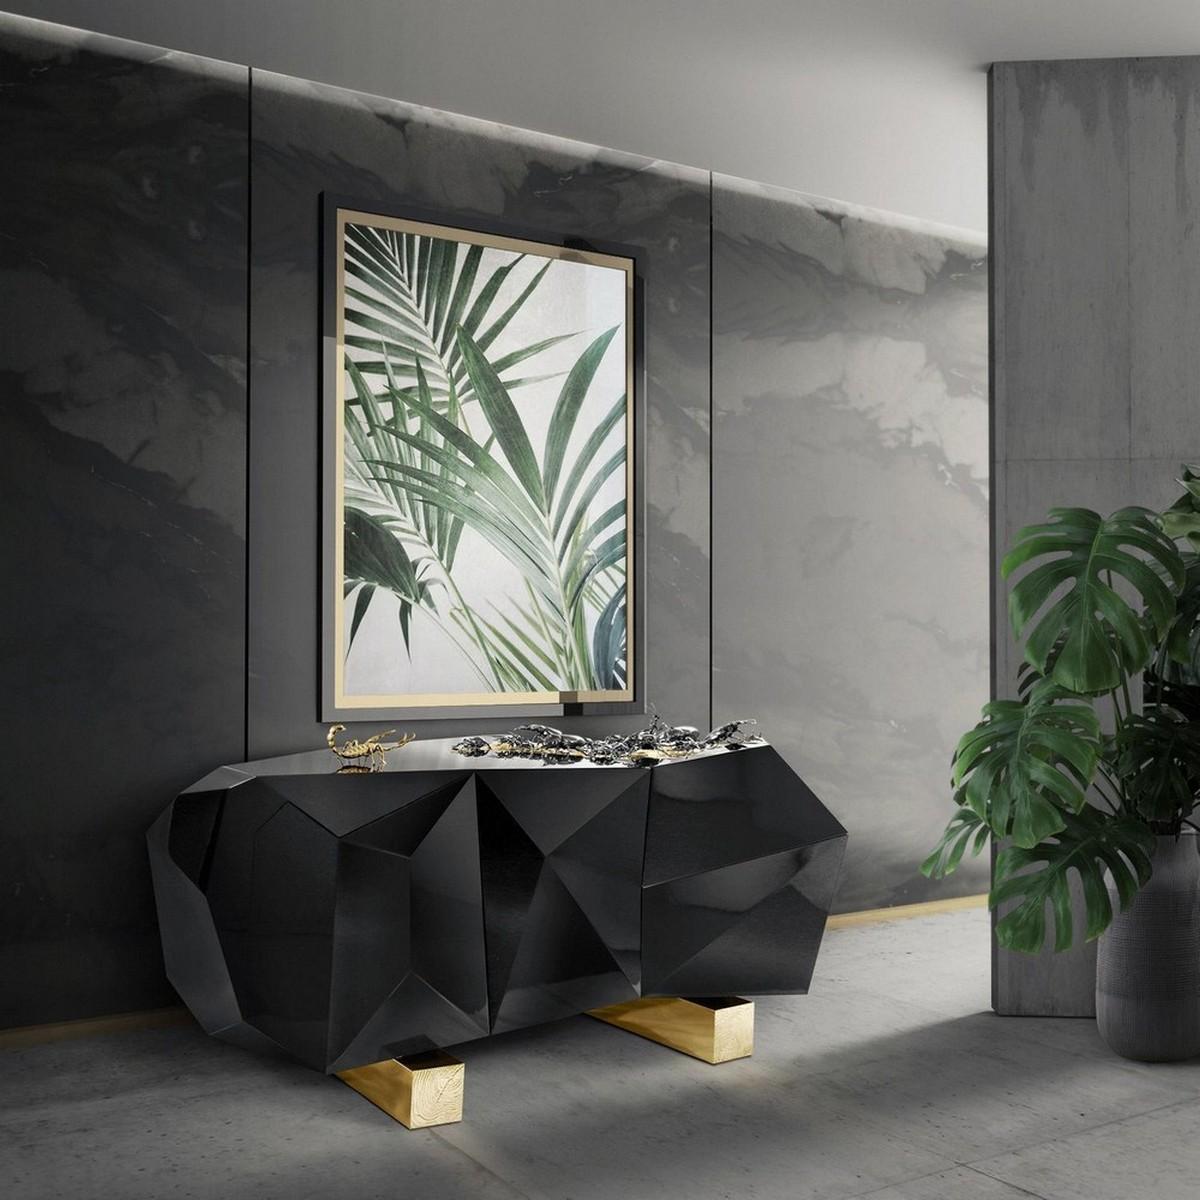 Aparadores Modernos: Ideas para cambiar un Diseño de Interiores lujuoso aparadores modernos Aparadores Modernos: Ideas para cambiar un Diseño de Interiores lujuoso f94225c00c4e45ba531f140d4c07c1e0